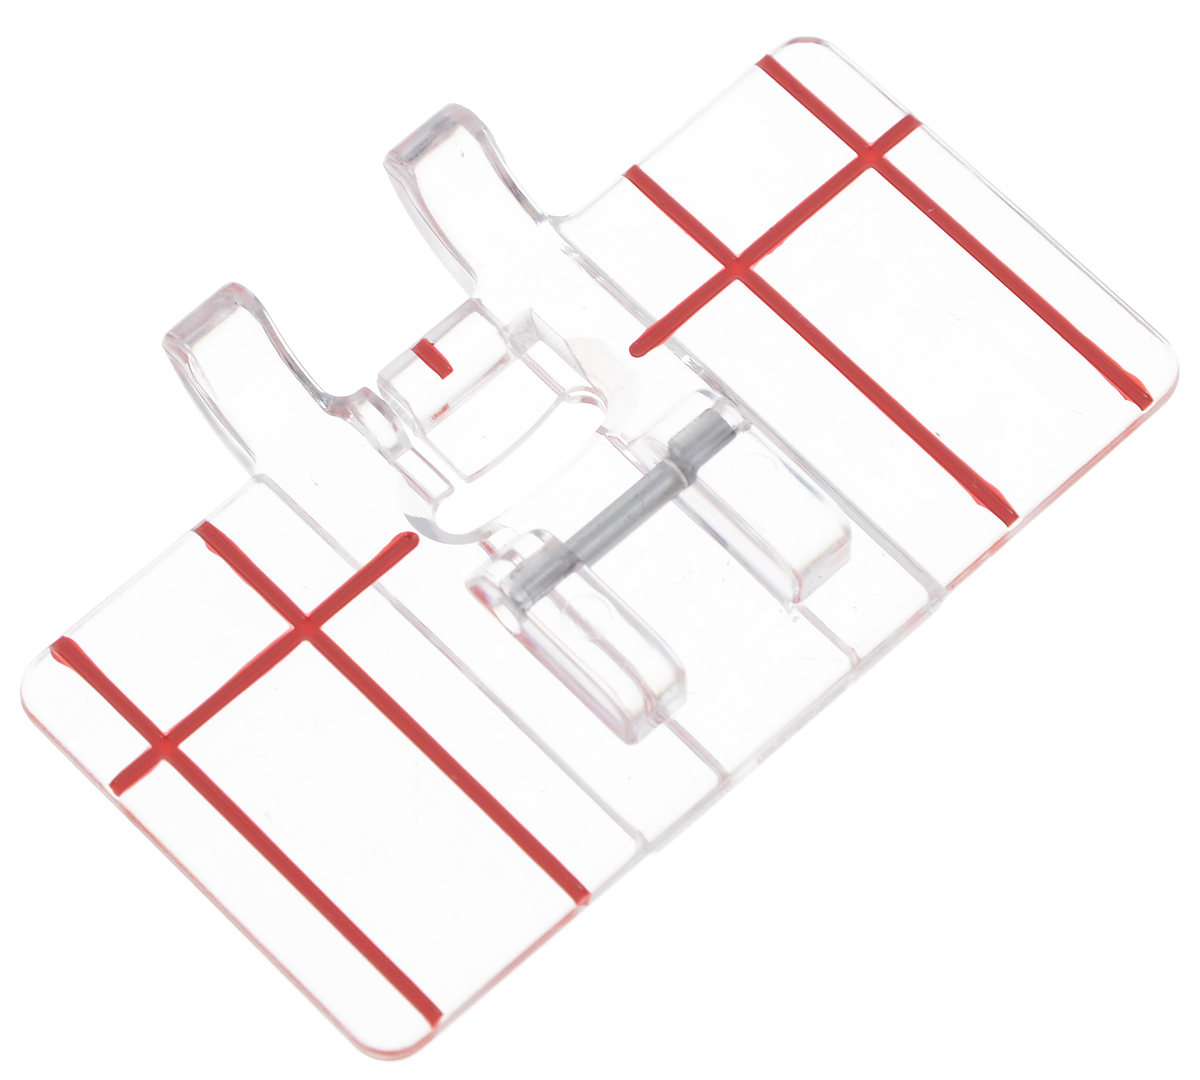 Лапка для швейной машины Aurora, с разметкой, для параллельных швовAU-150Лапка для швейной машины Aurora используется для прокладывания параллельных декоративных строчек. Подходит для большинства современных бытовых швейных машин. Инструкция по использованию прилагается.